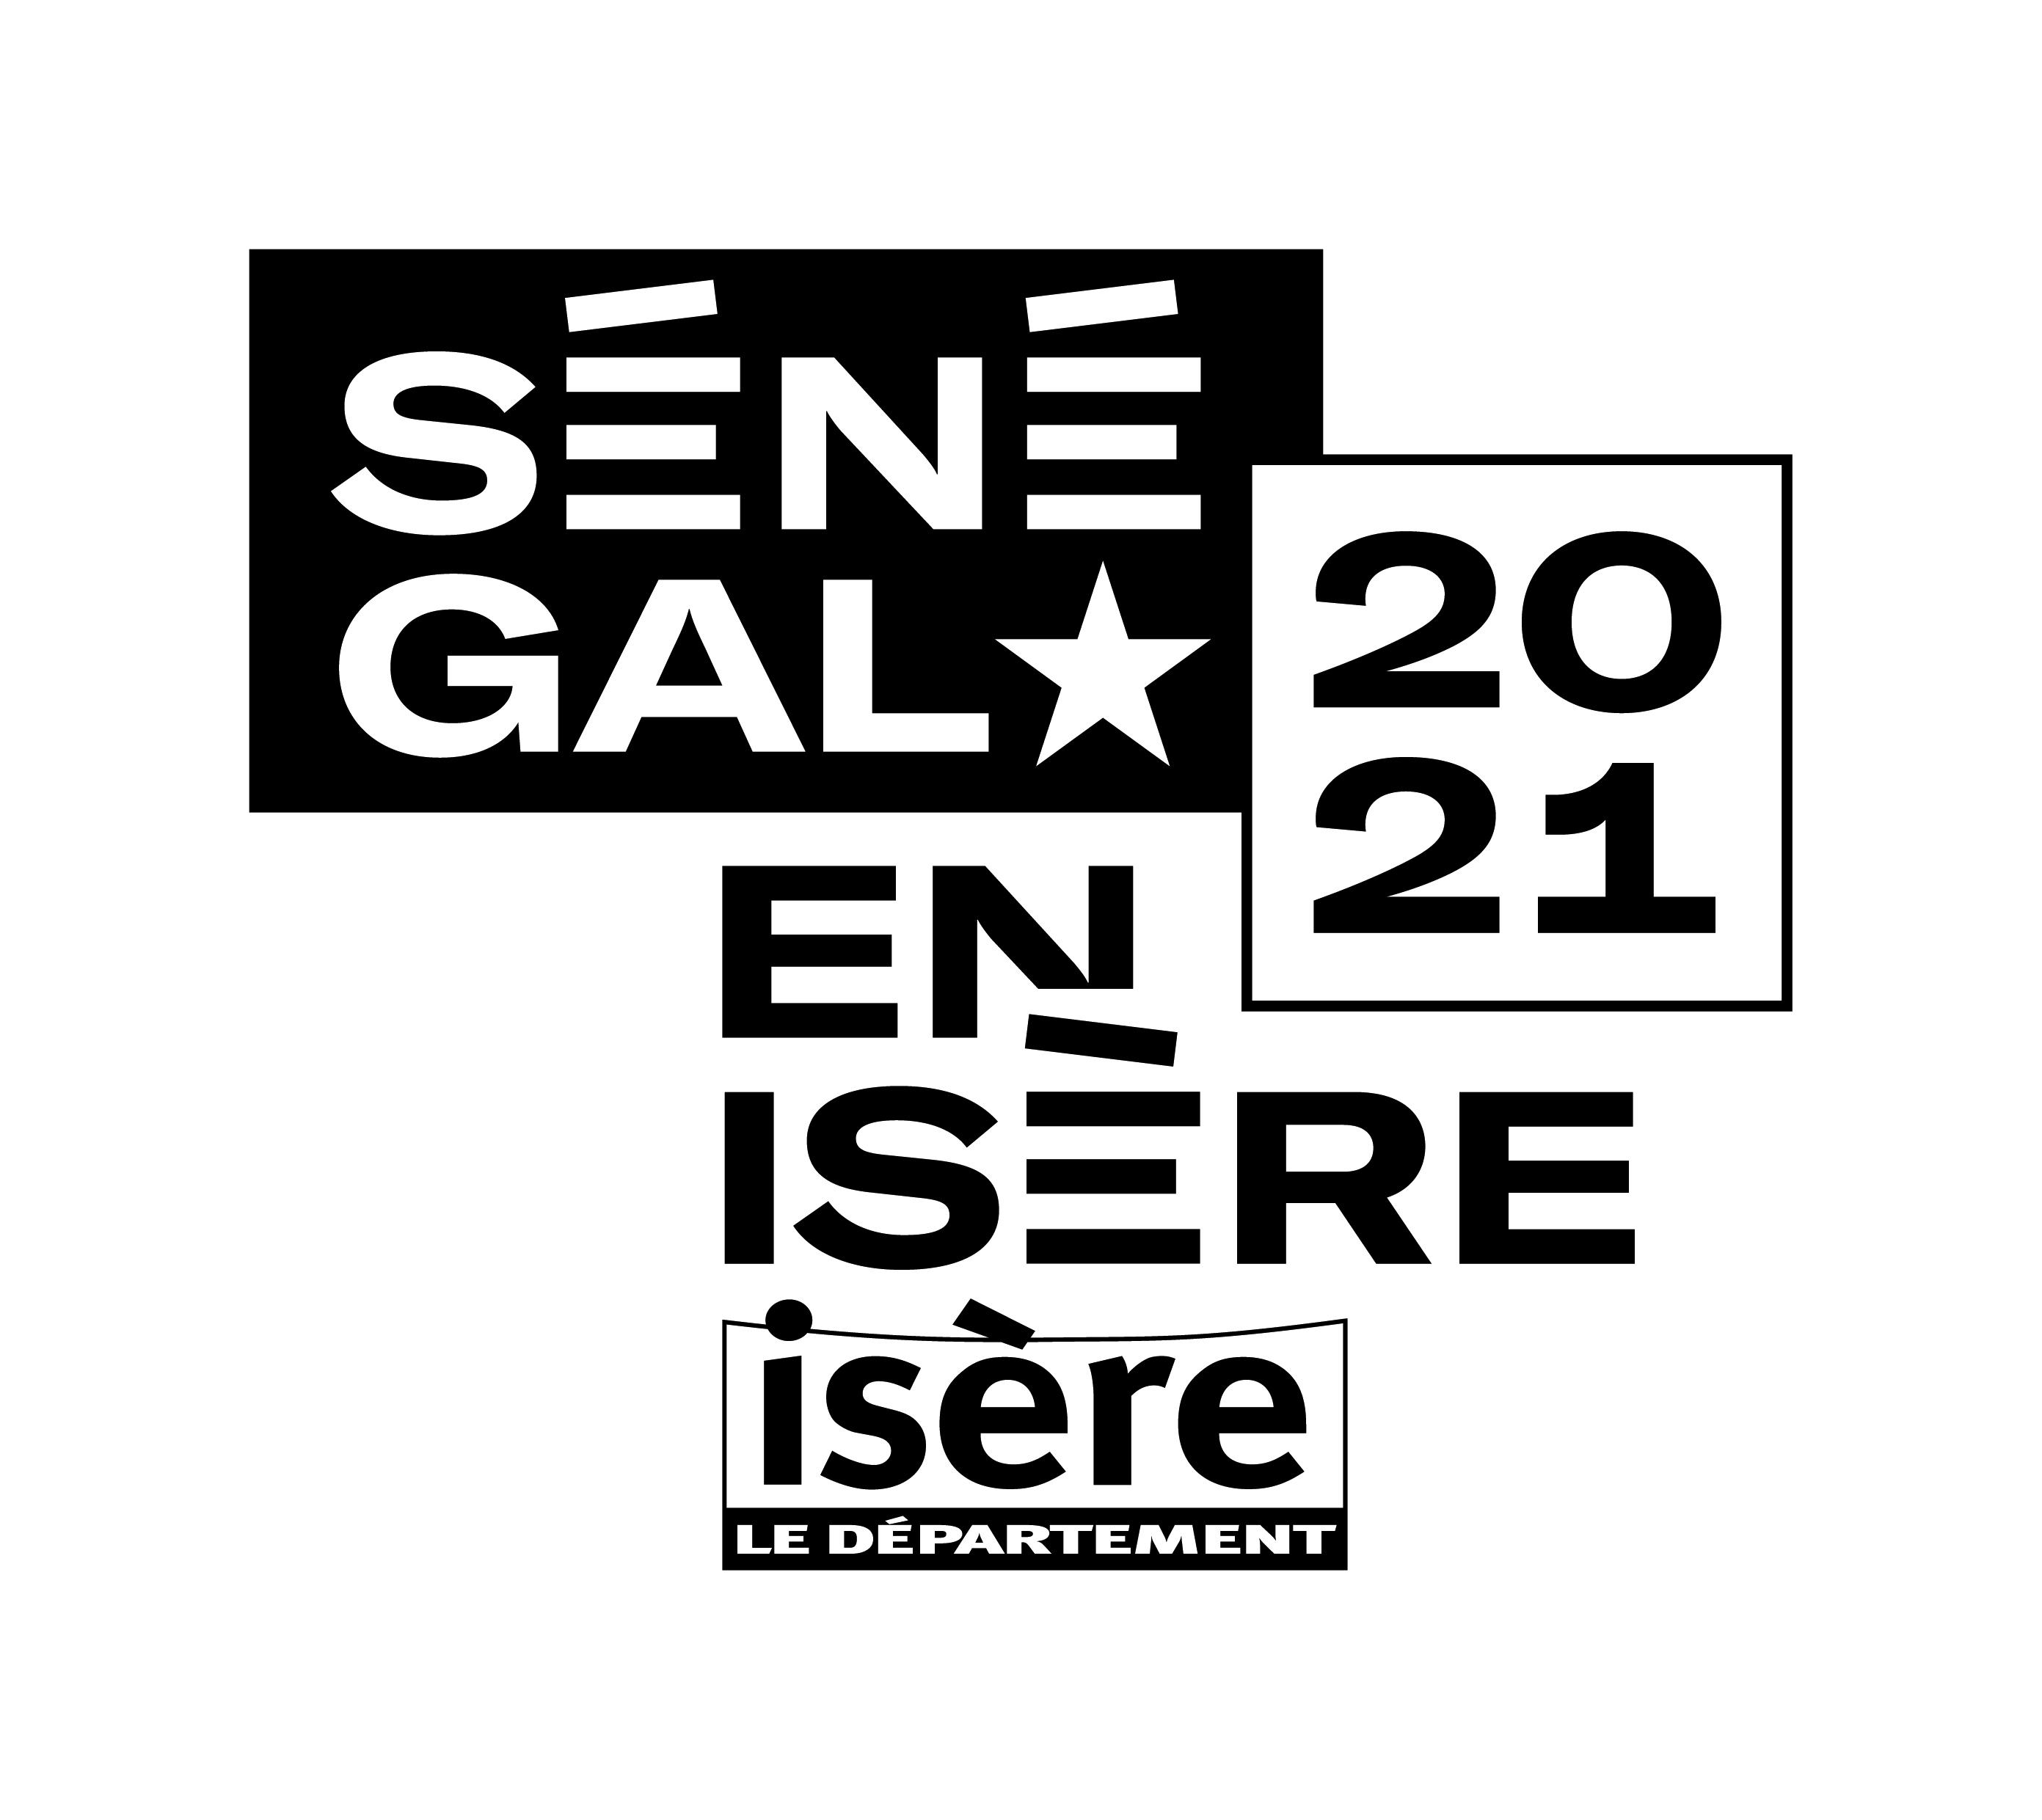 Logo Sénégal 20-21